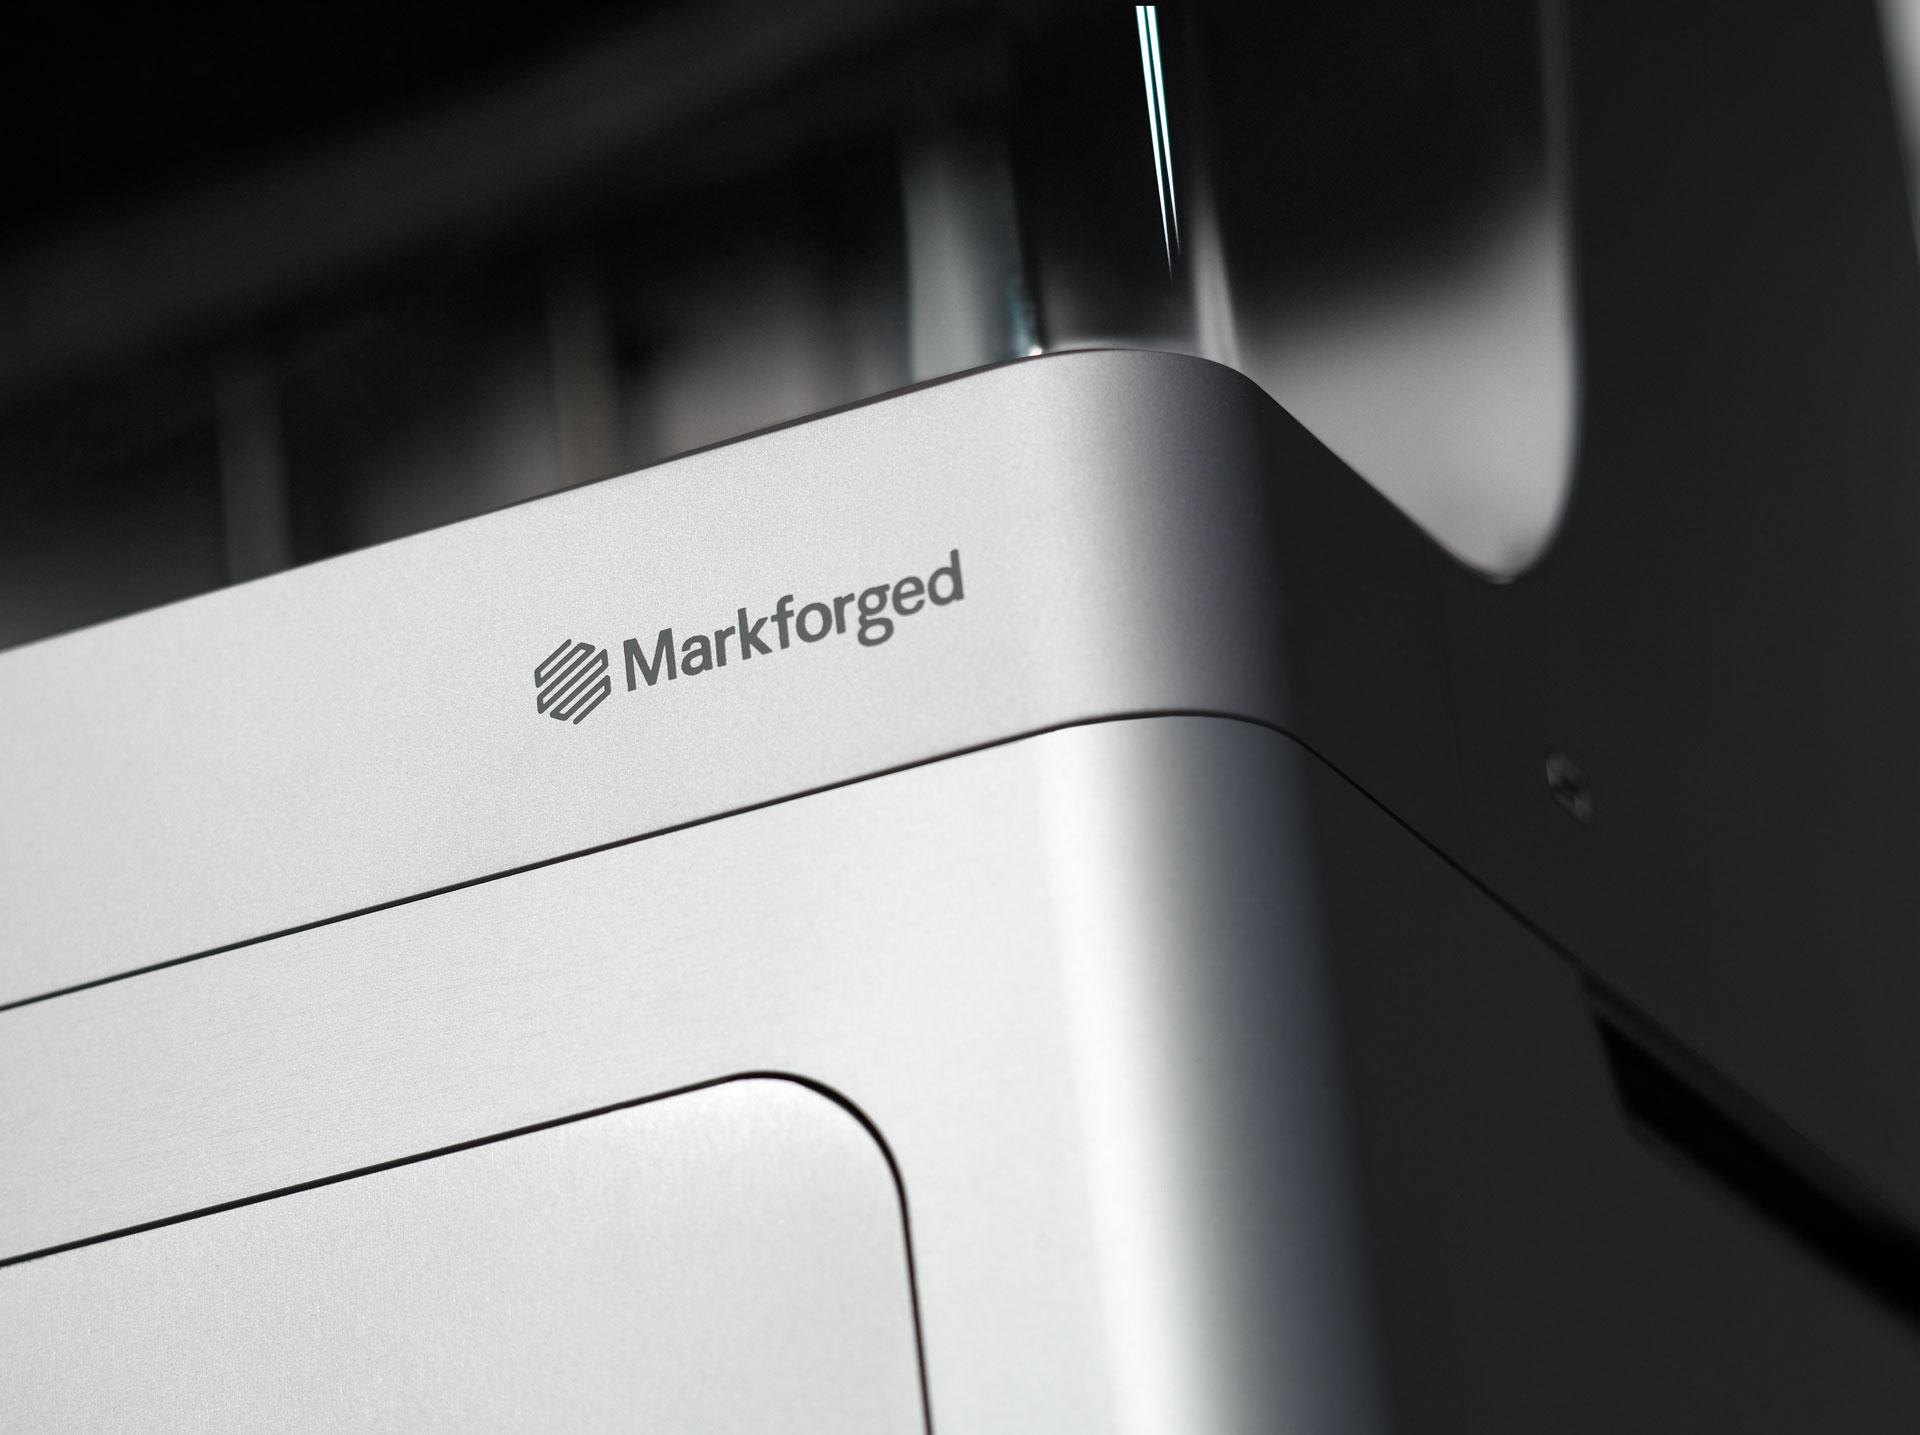 Industrial Series Printer Image (2)